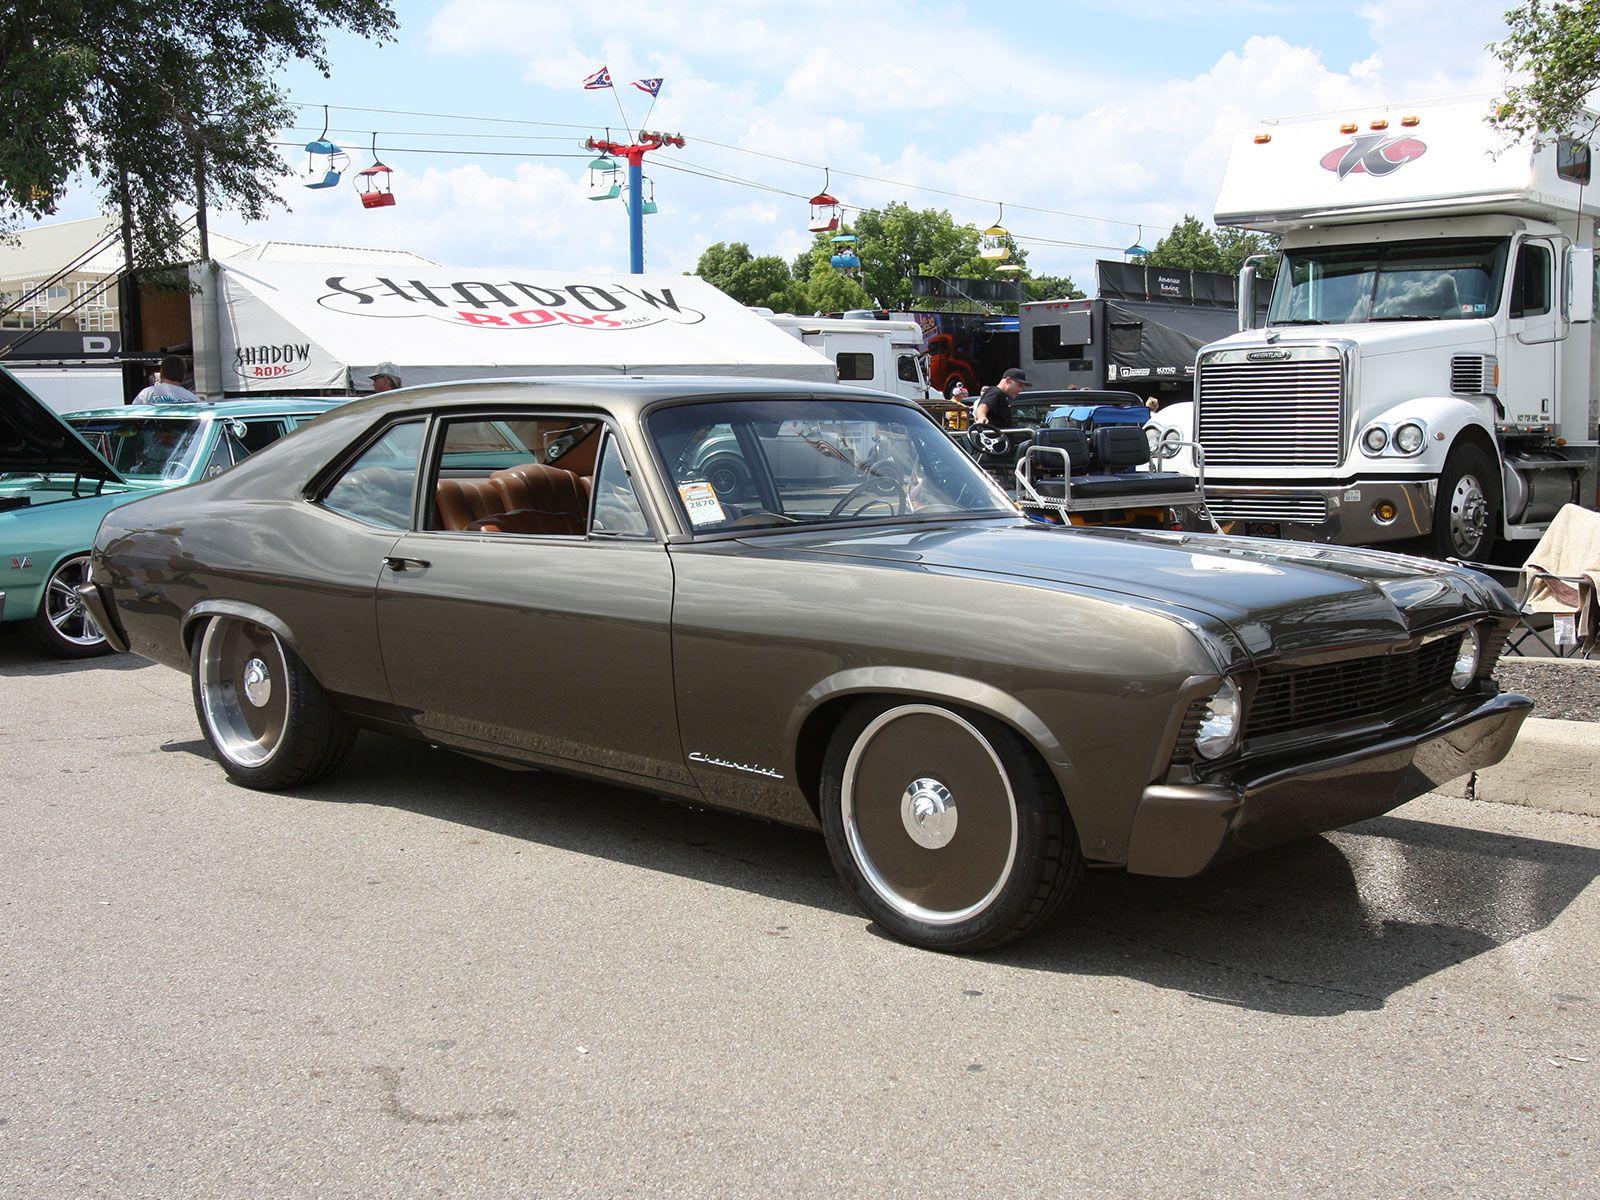 1969 Nova Chevy Nova Chevy Sports Cars Chevy Nova Custom